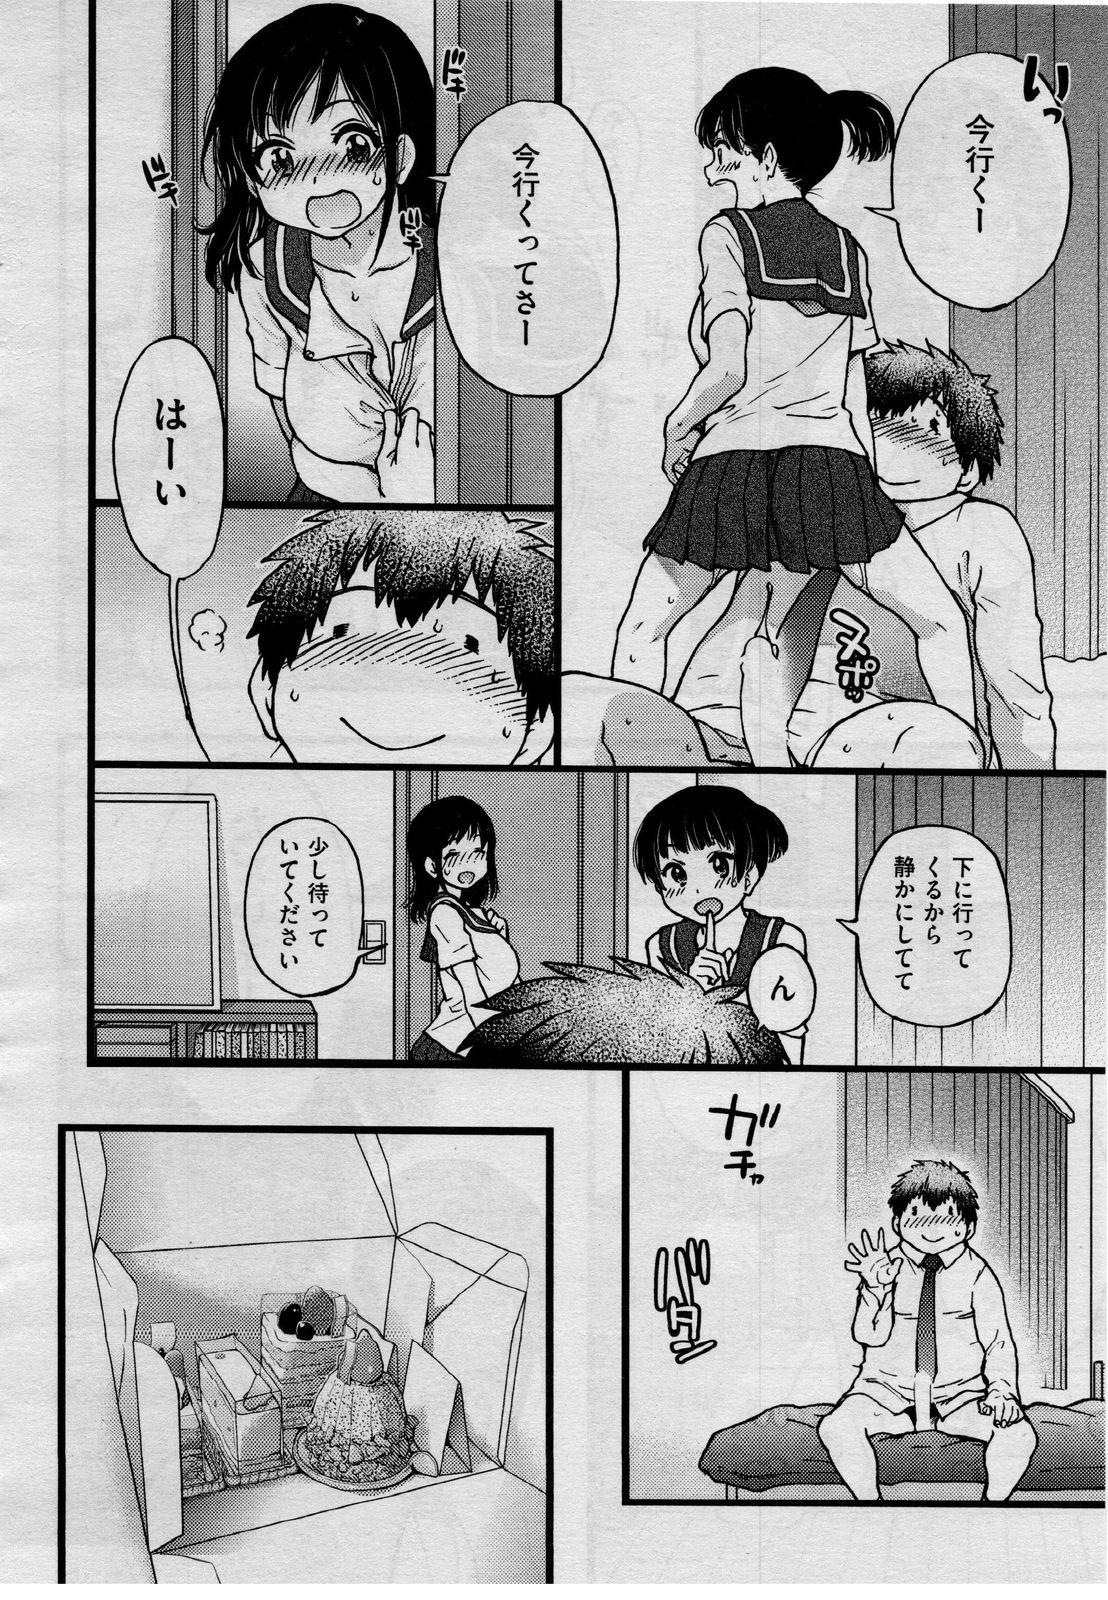 【エロ漫画】JK姉妹の自宅で援助交際!親の目を盗みながらこっそりセックスwww